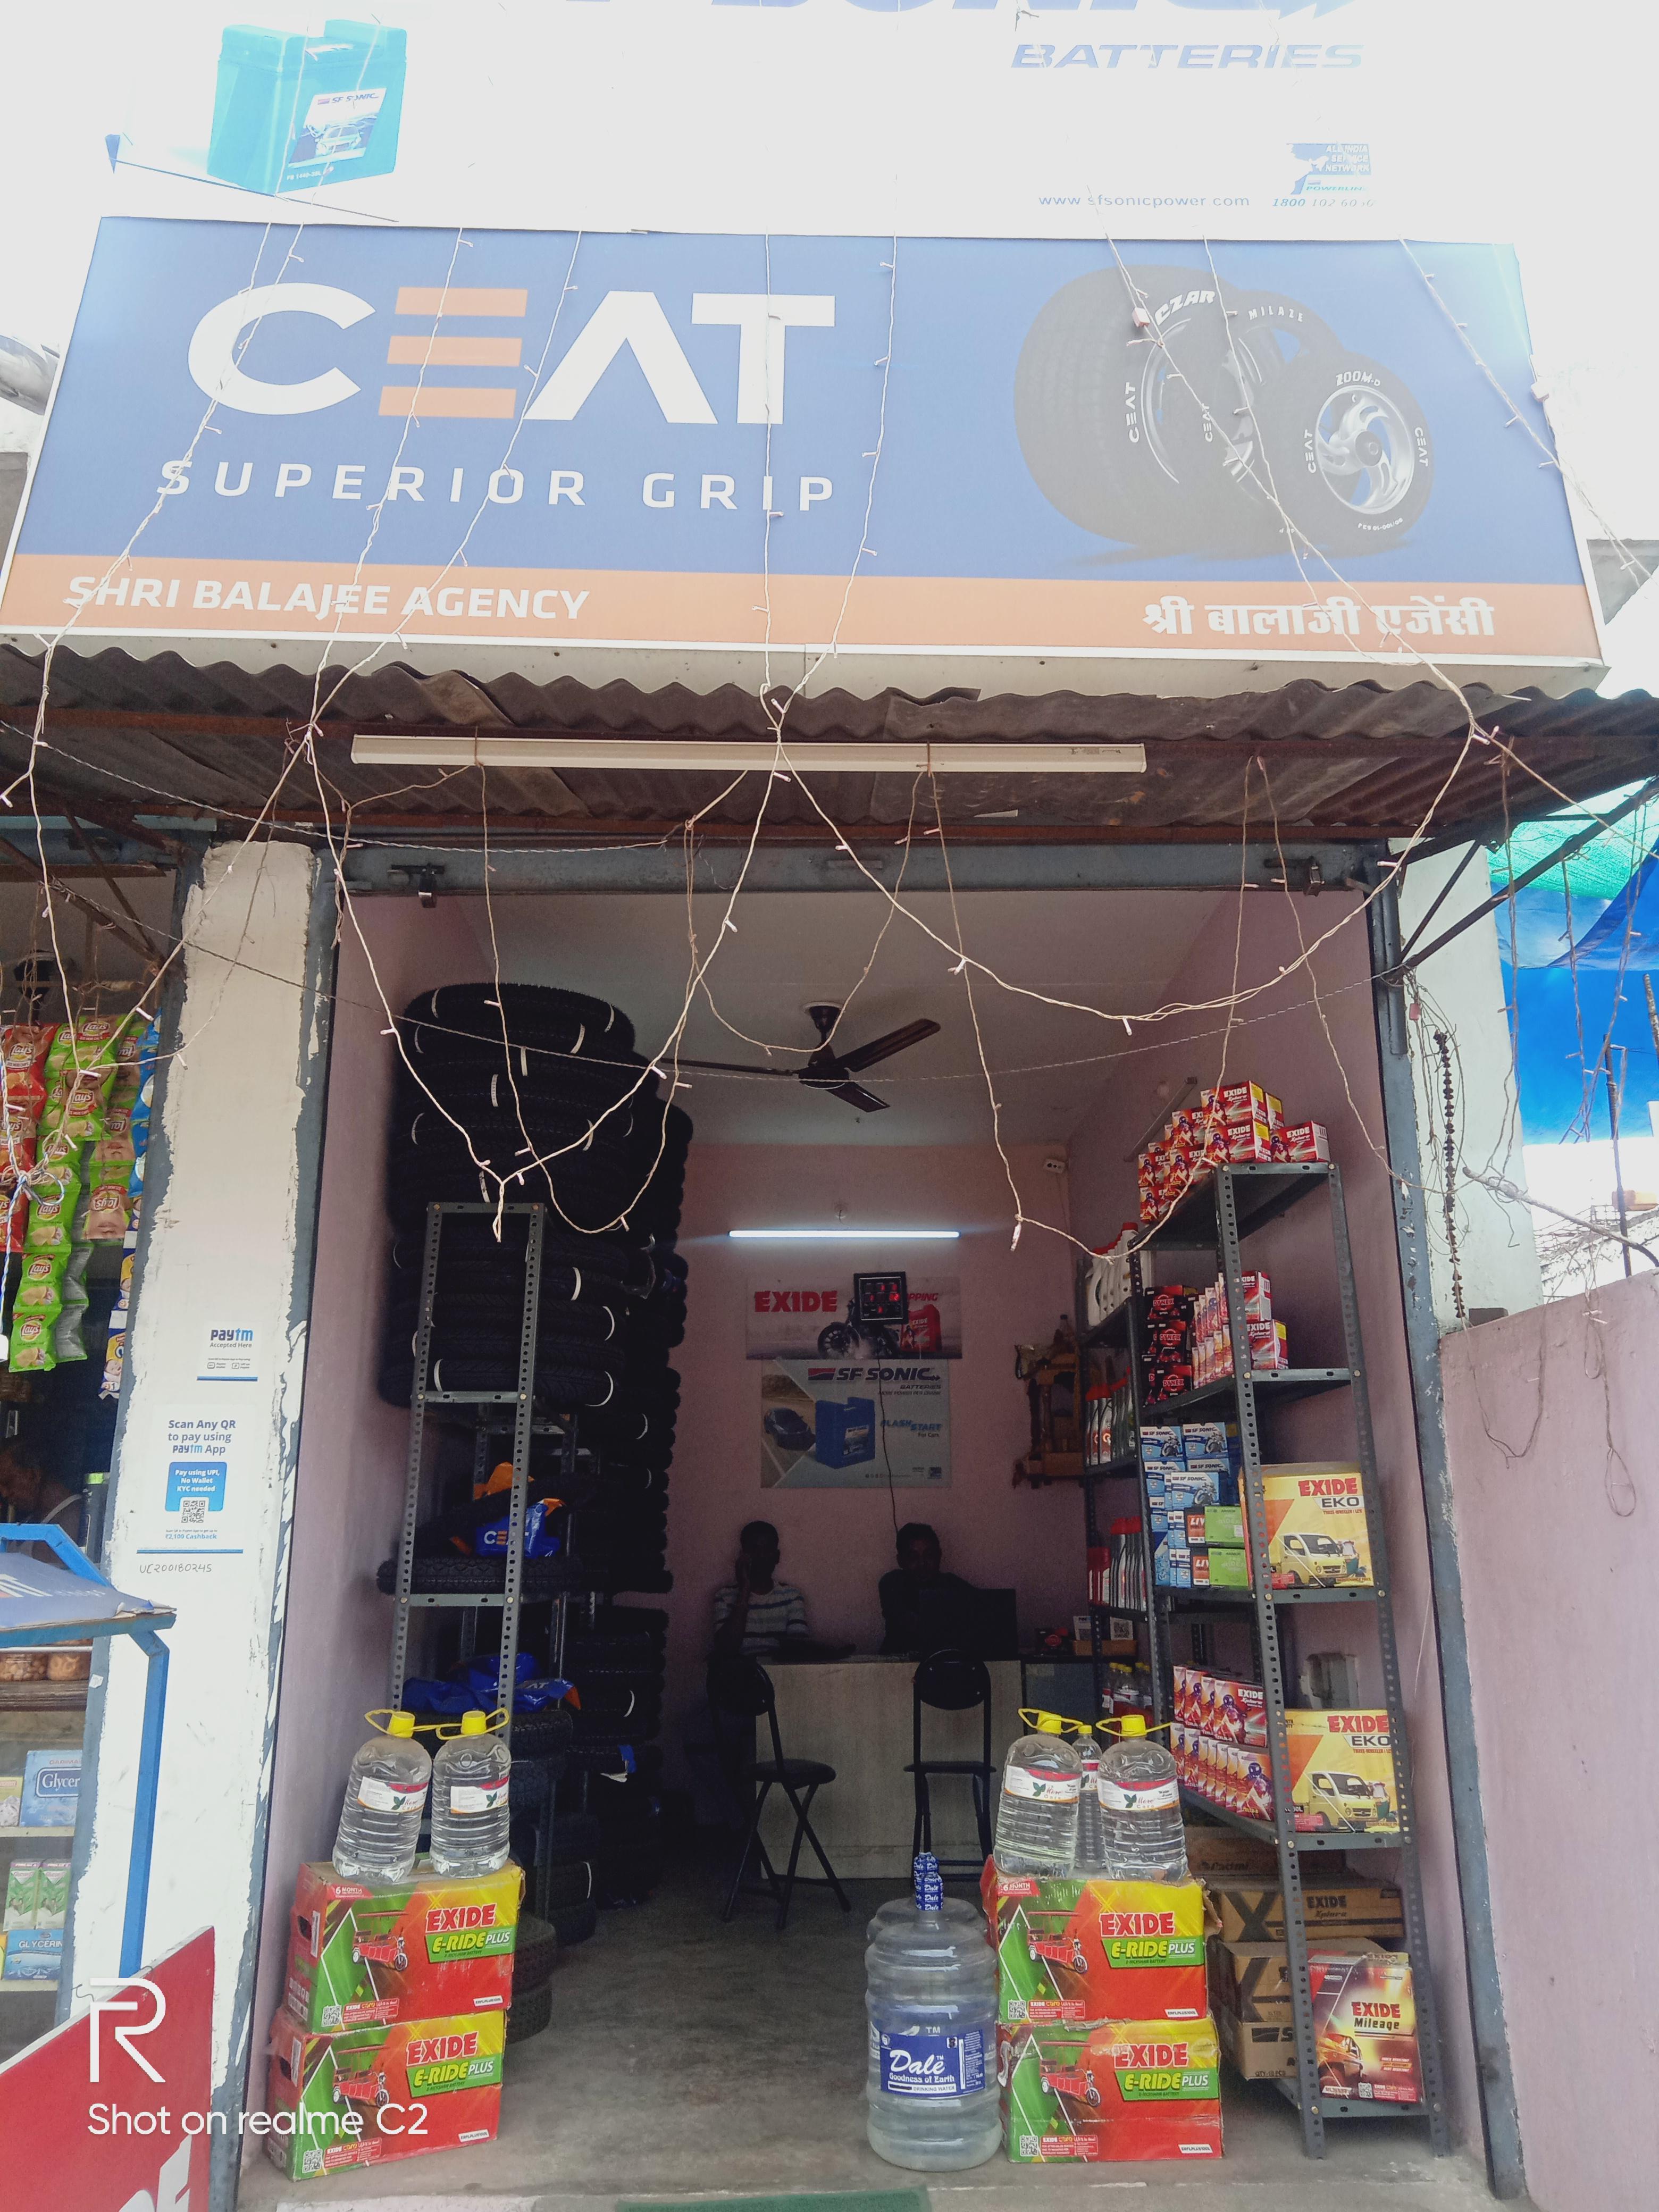 Shri Balaji Agency